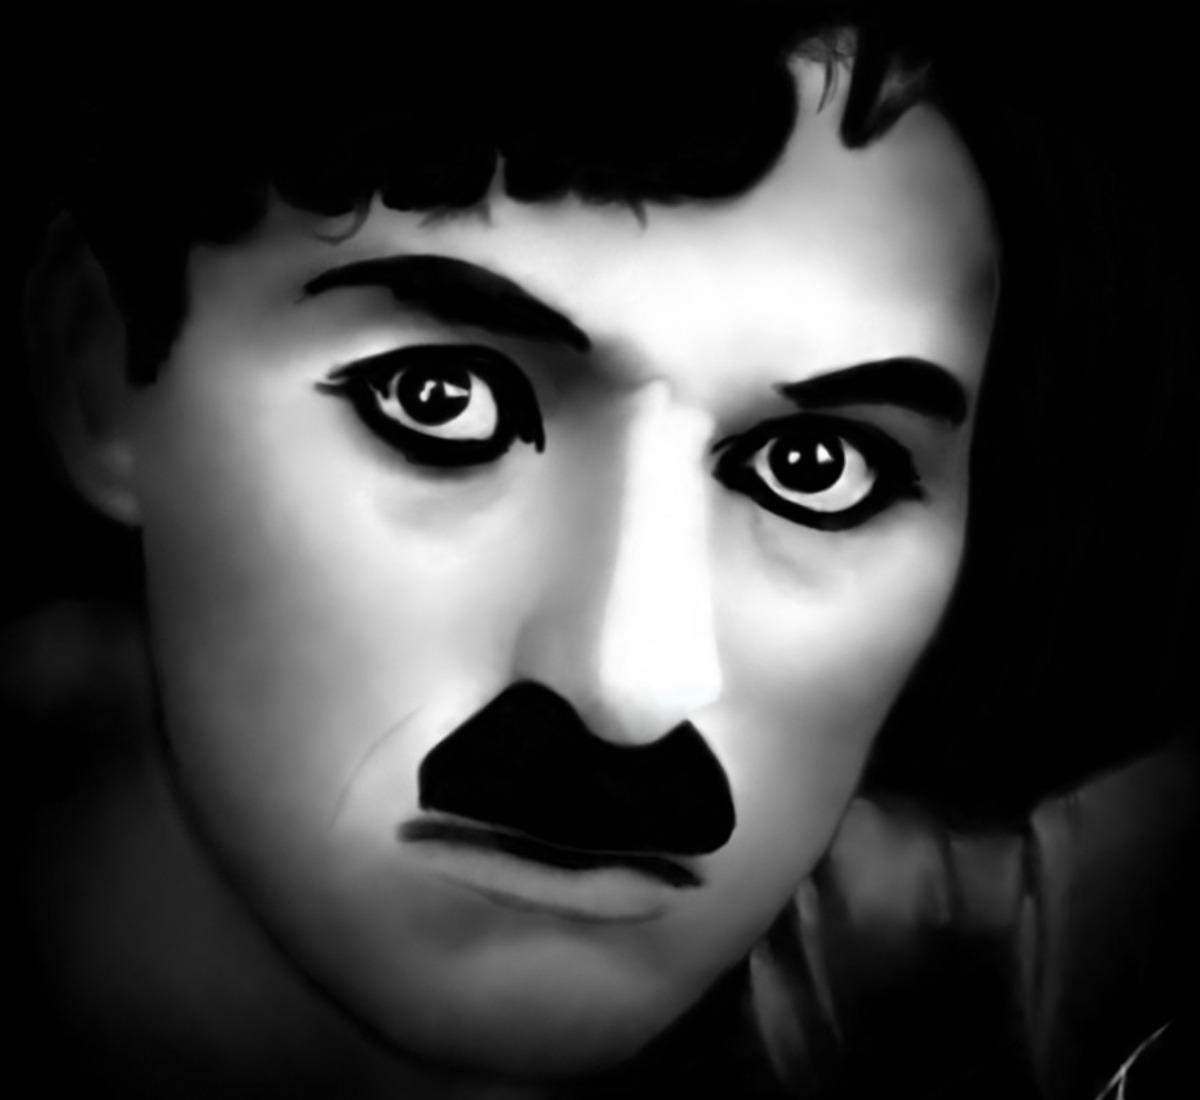 Charlie Chaplin Wallpaper   ForWallpapercom 1200x1100